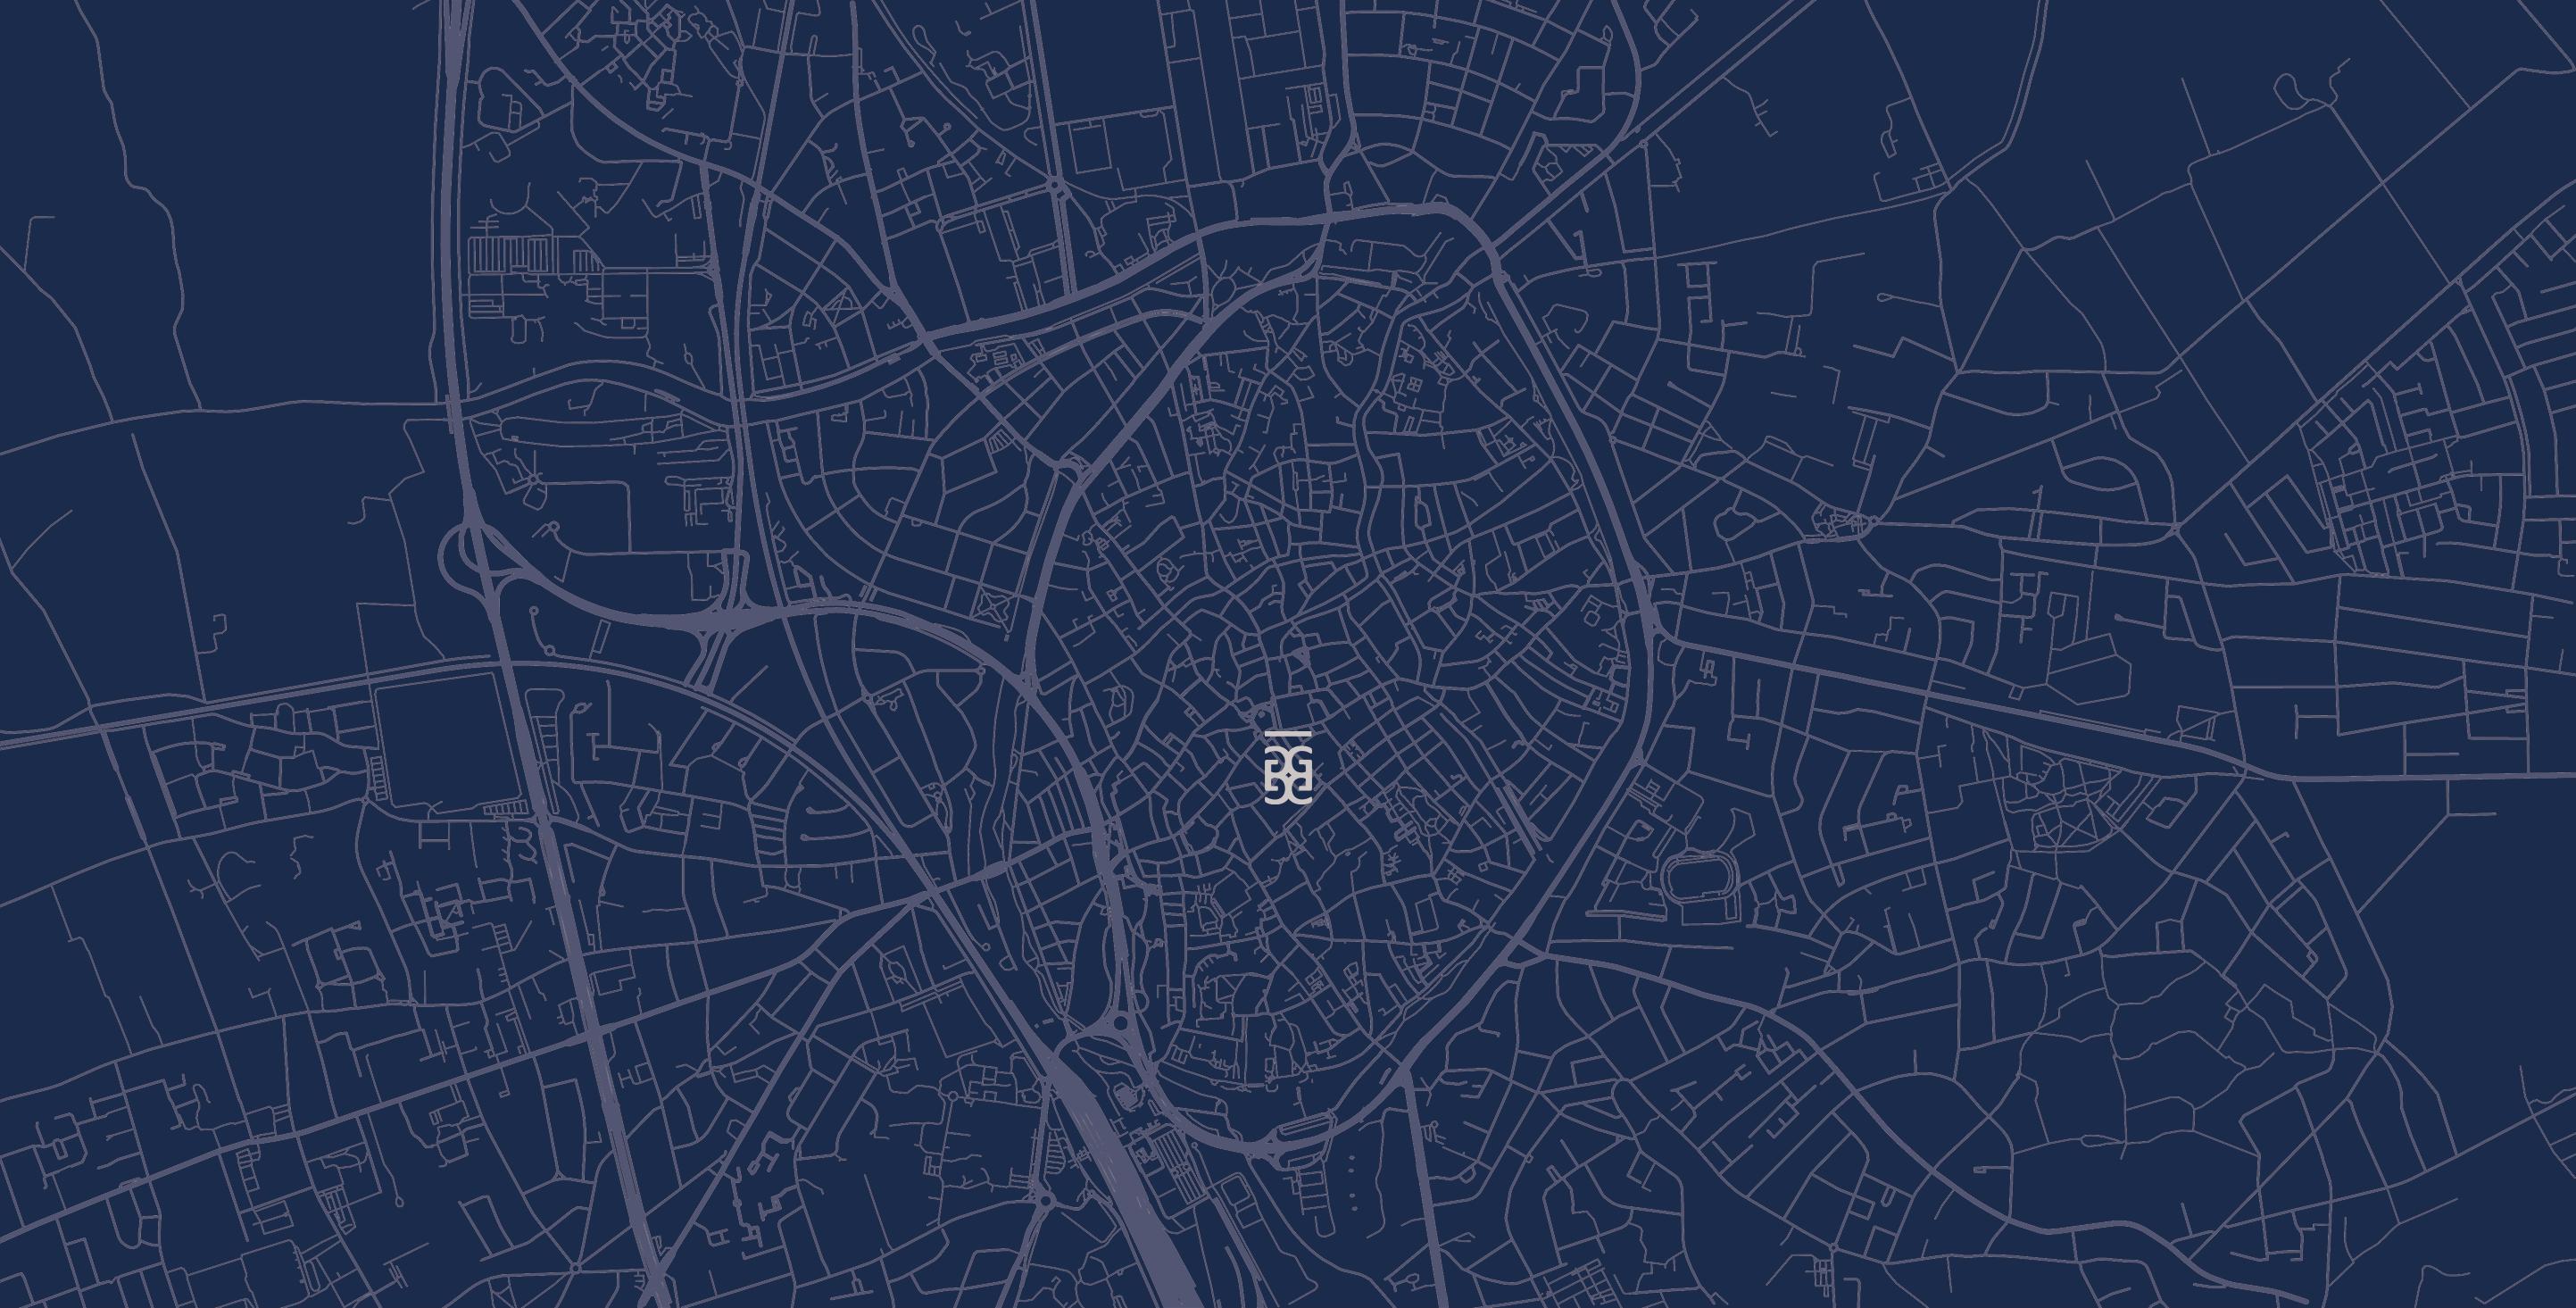 Grondplan Brugge De Gilde